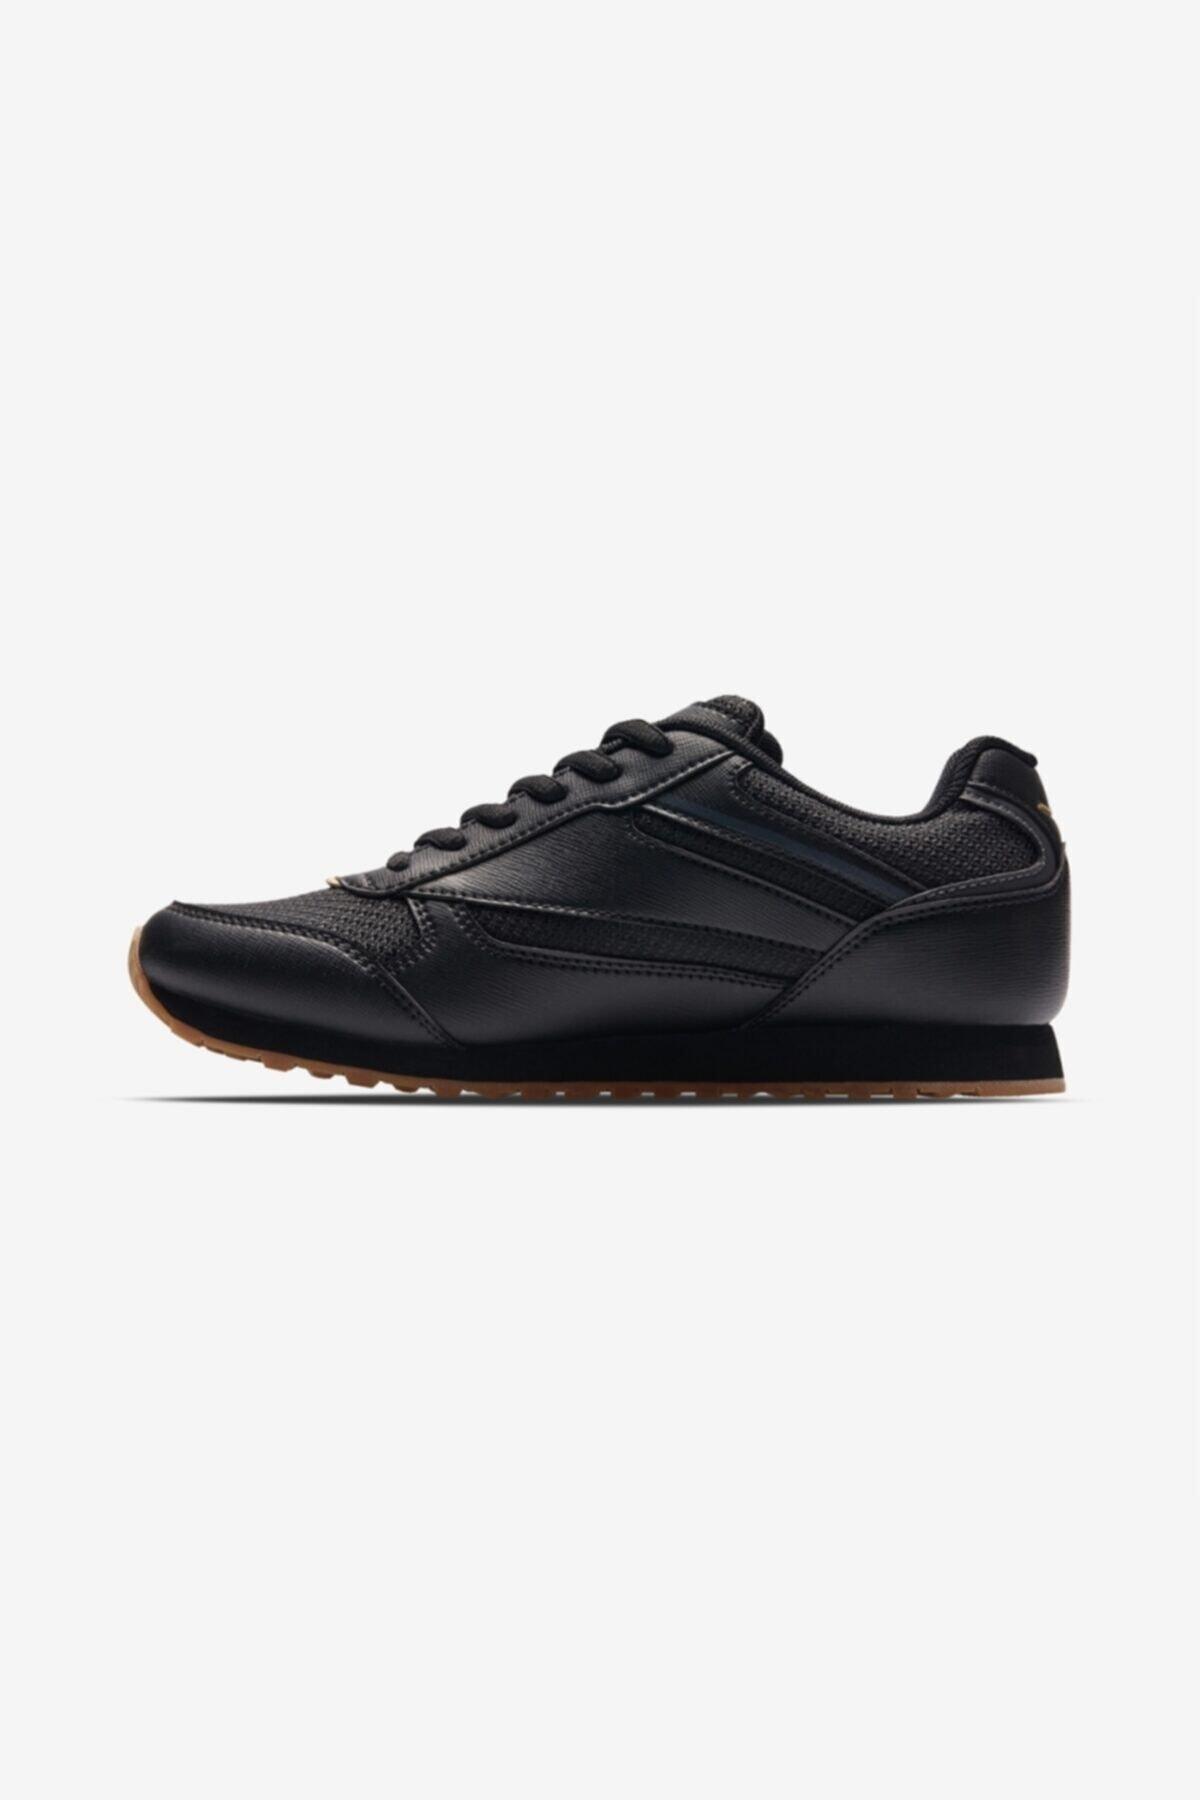 Lescon Kadın Siyah Sneaker Ayakkabı L-6618 2